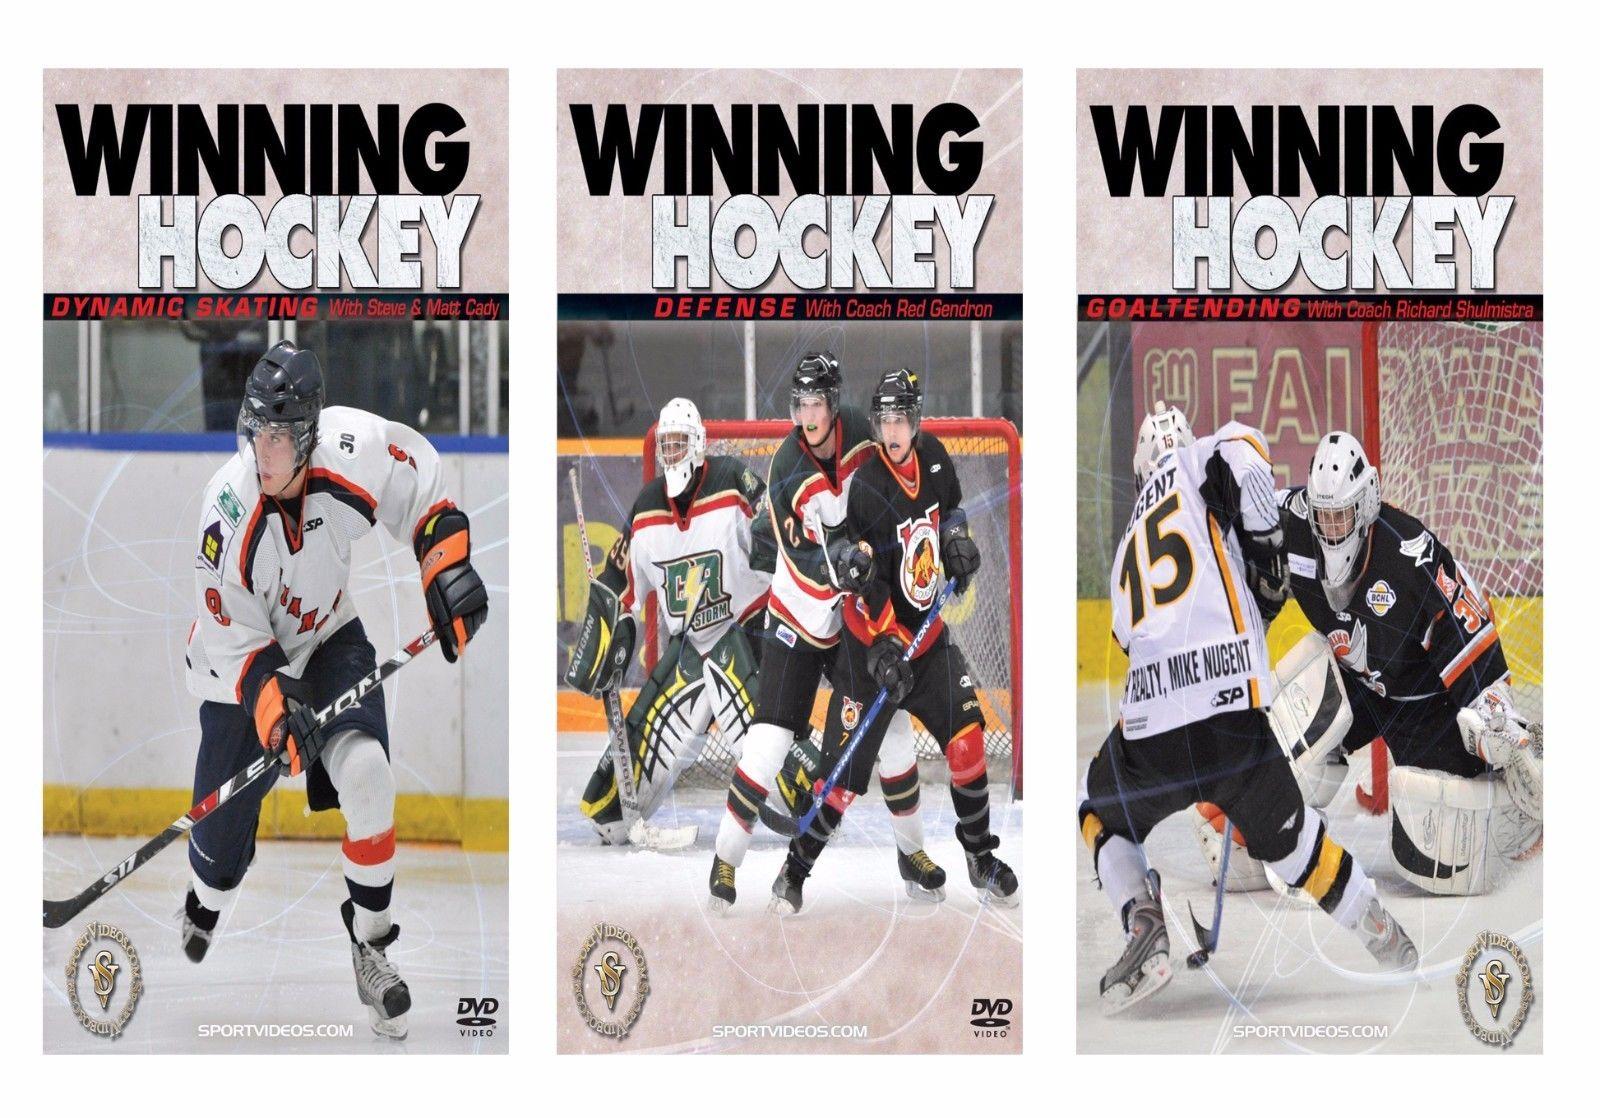 Winning Hockey 3 DVD or Download Set  - Free Shipping